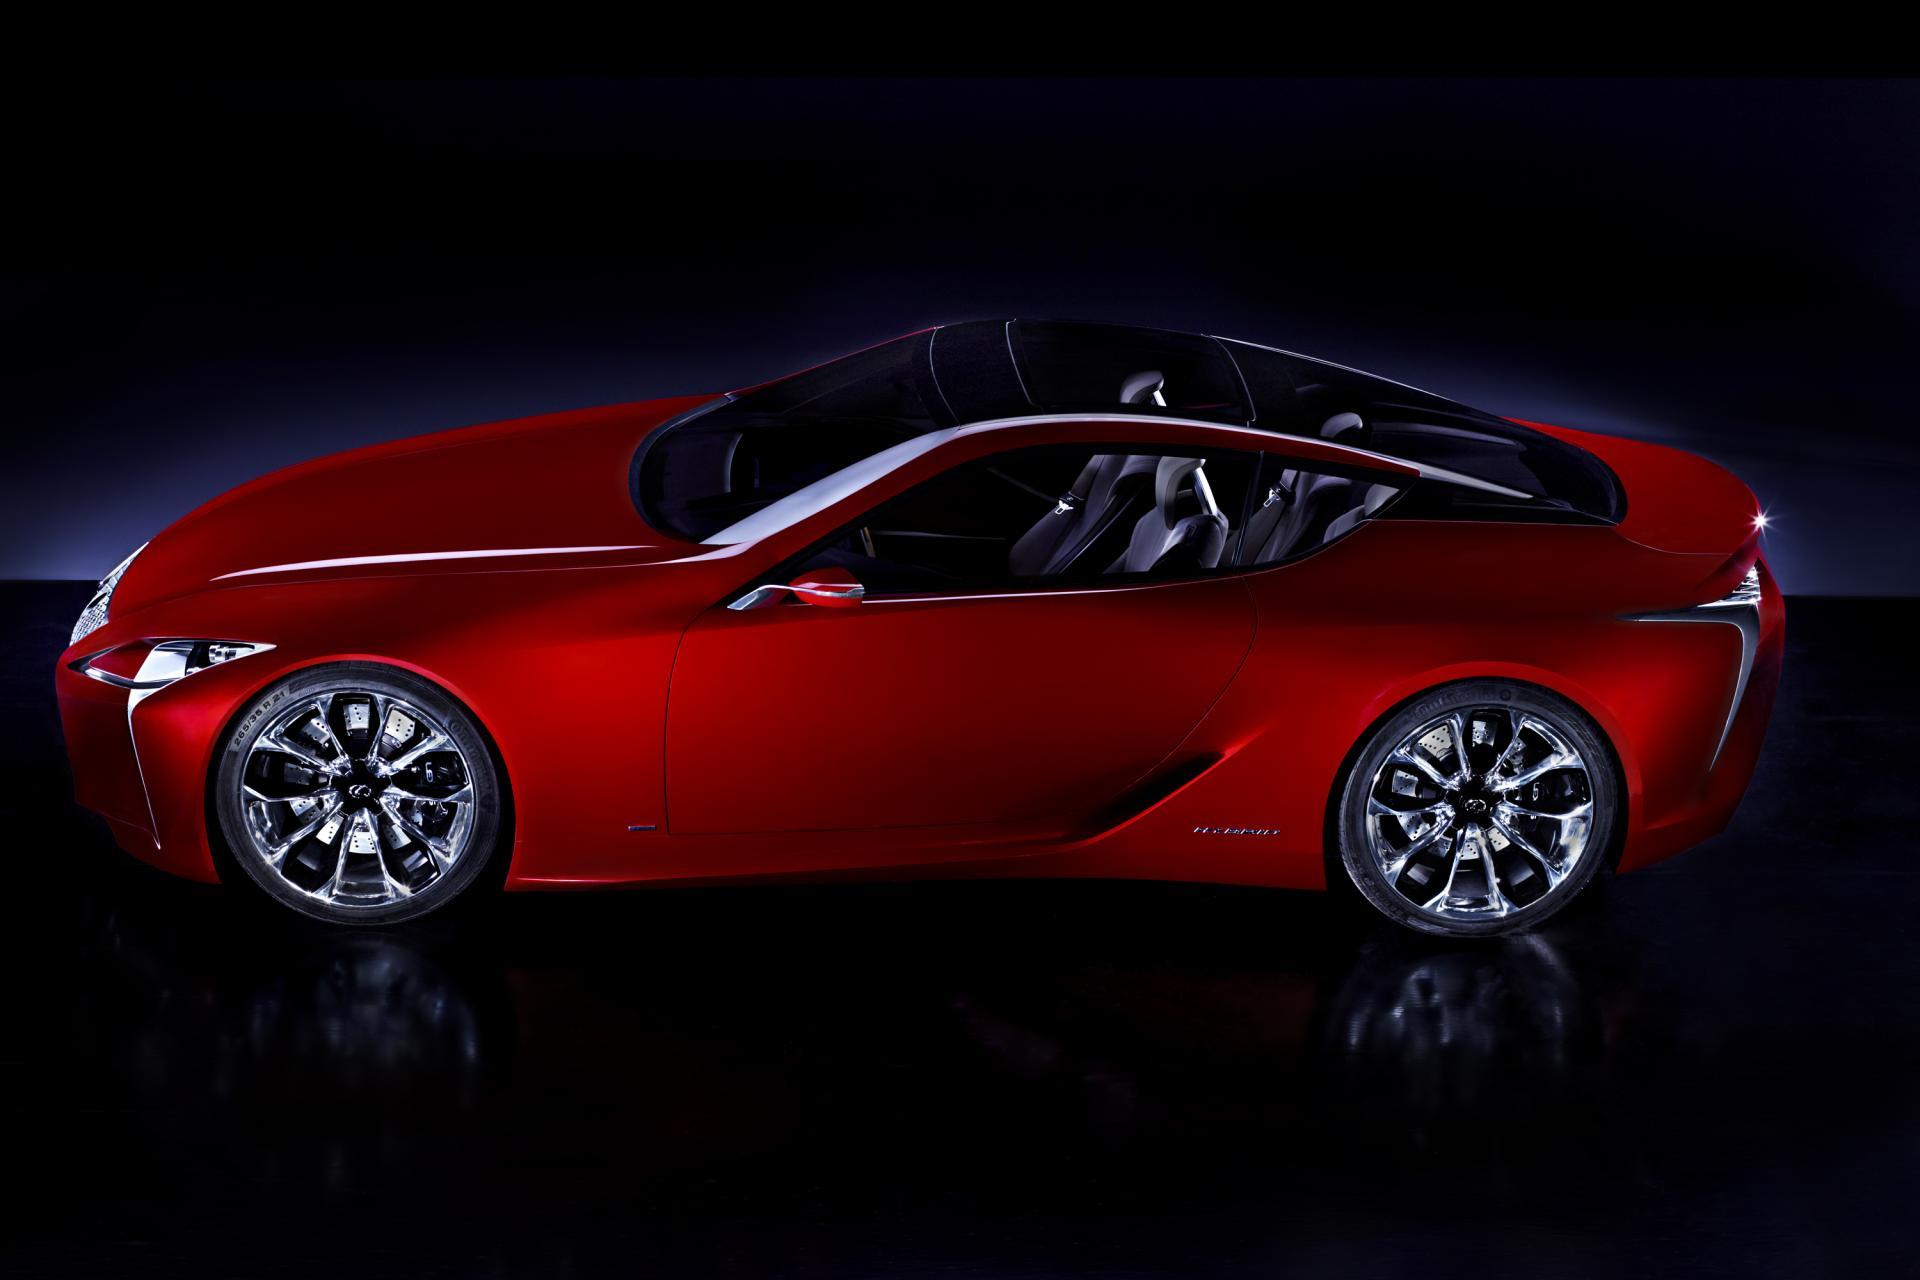 https://www.conceptcarz.com/images/Lexus/Lexus-Sport-Coupe-Concept-2012-01.jpg